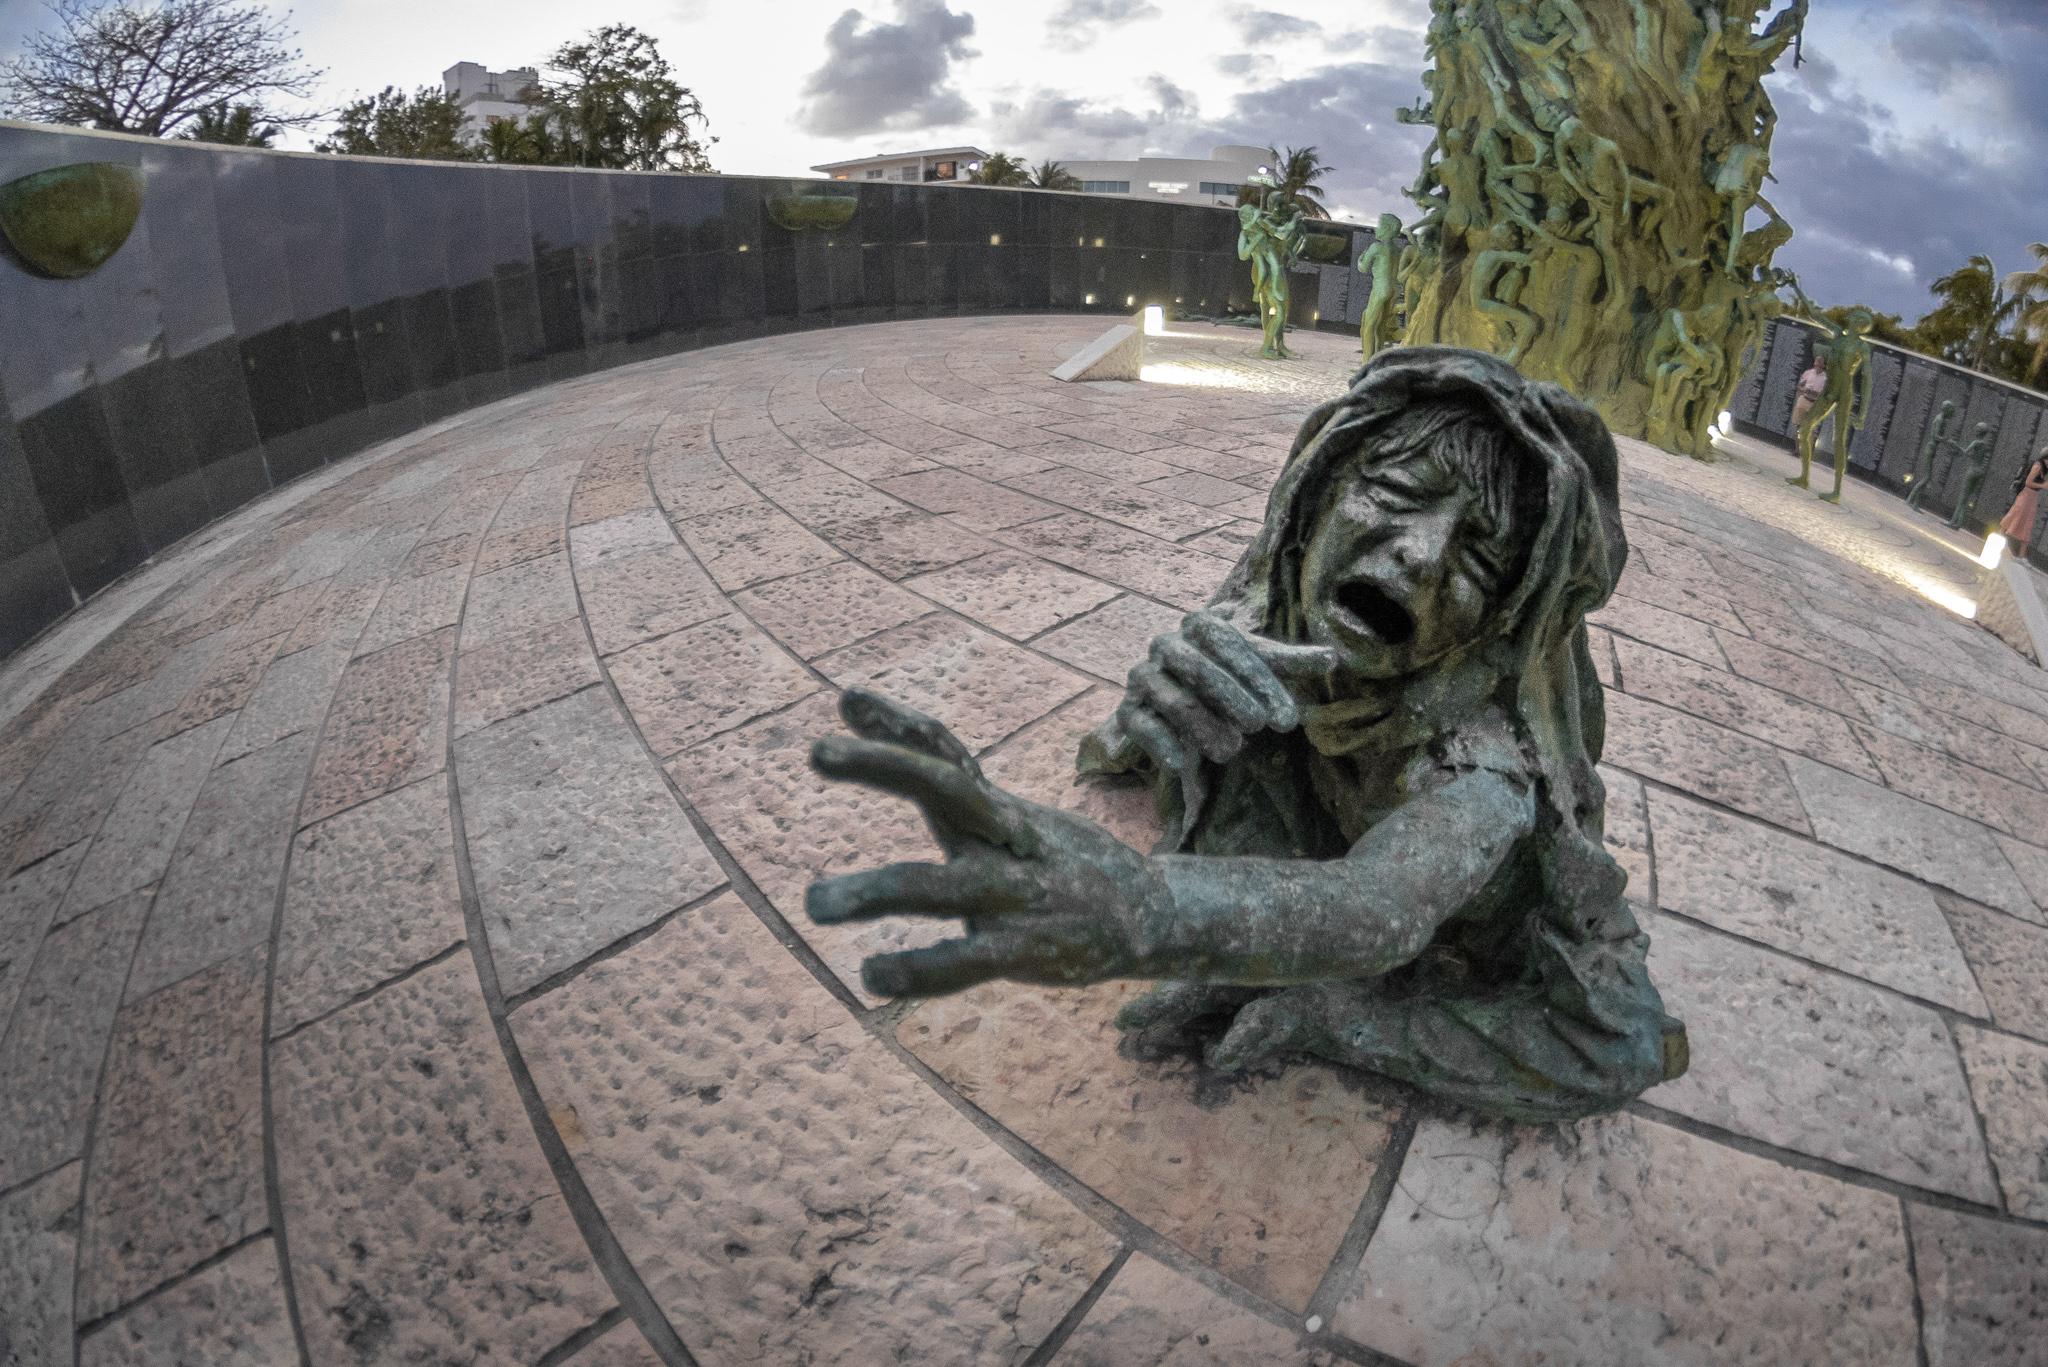 2017-01-15 - Miami Holocaust Memorial - 007